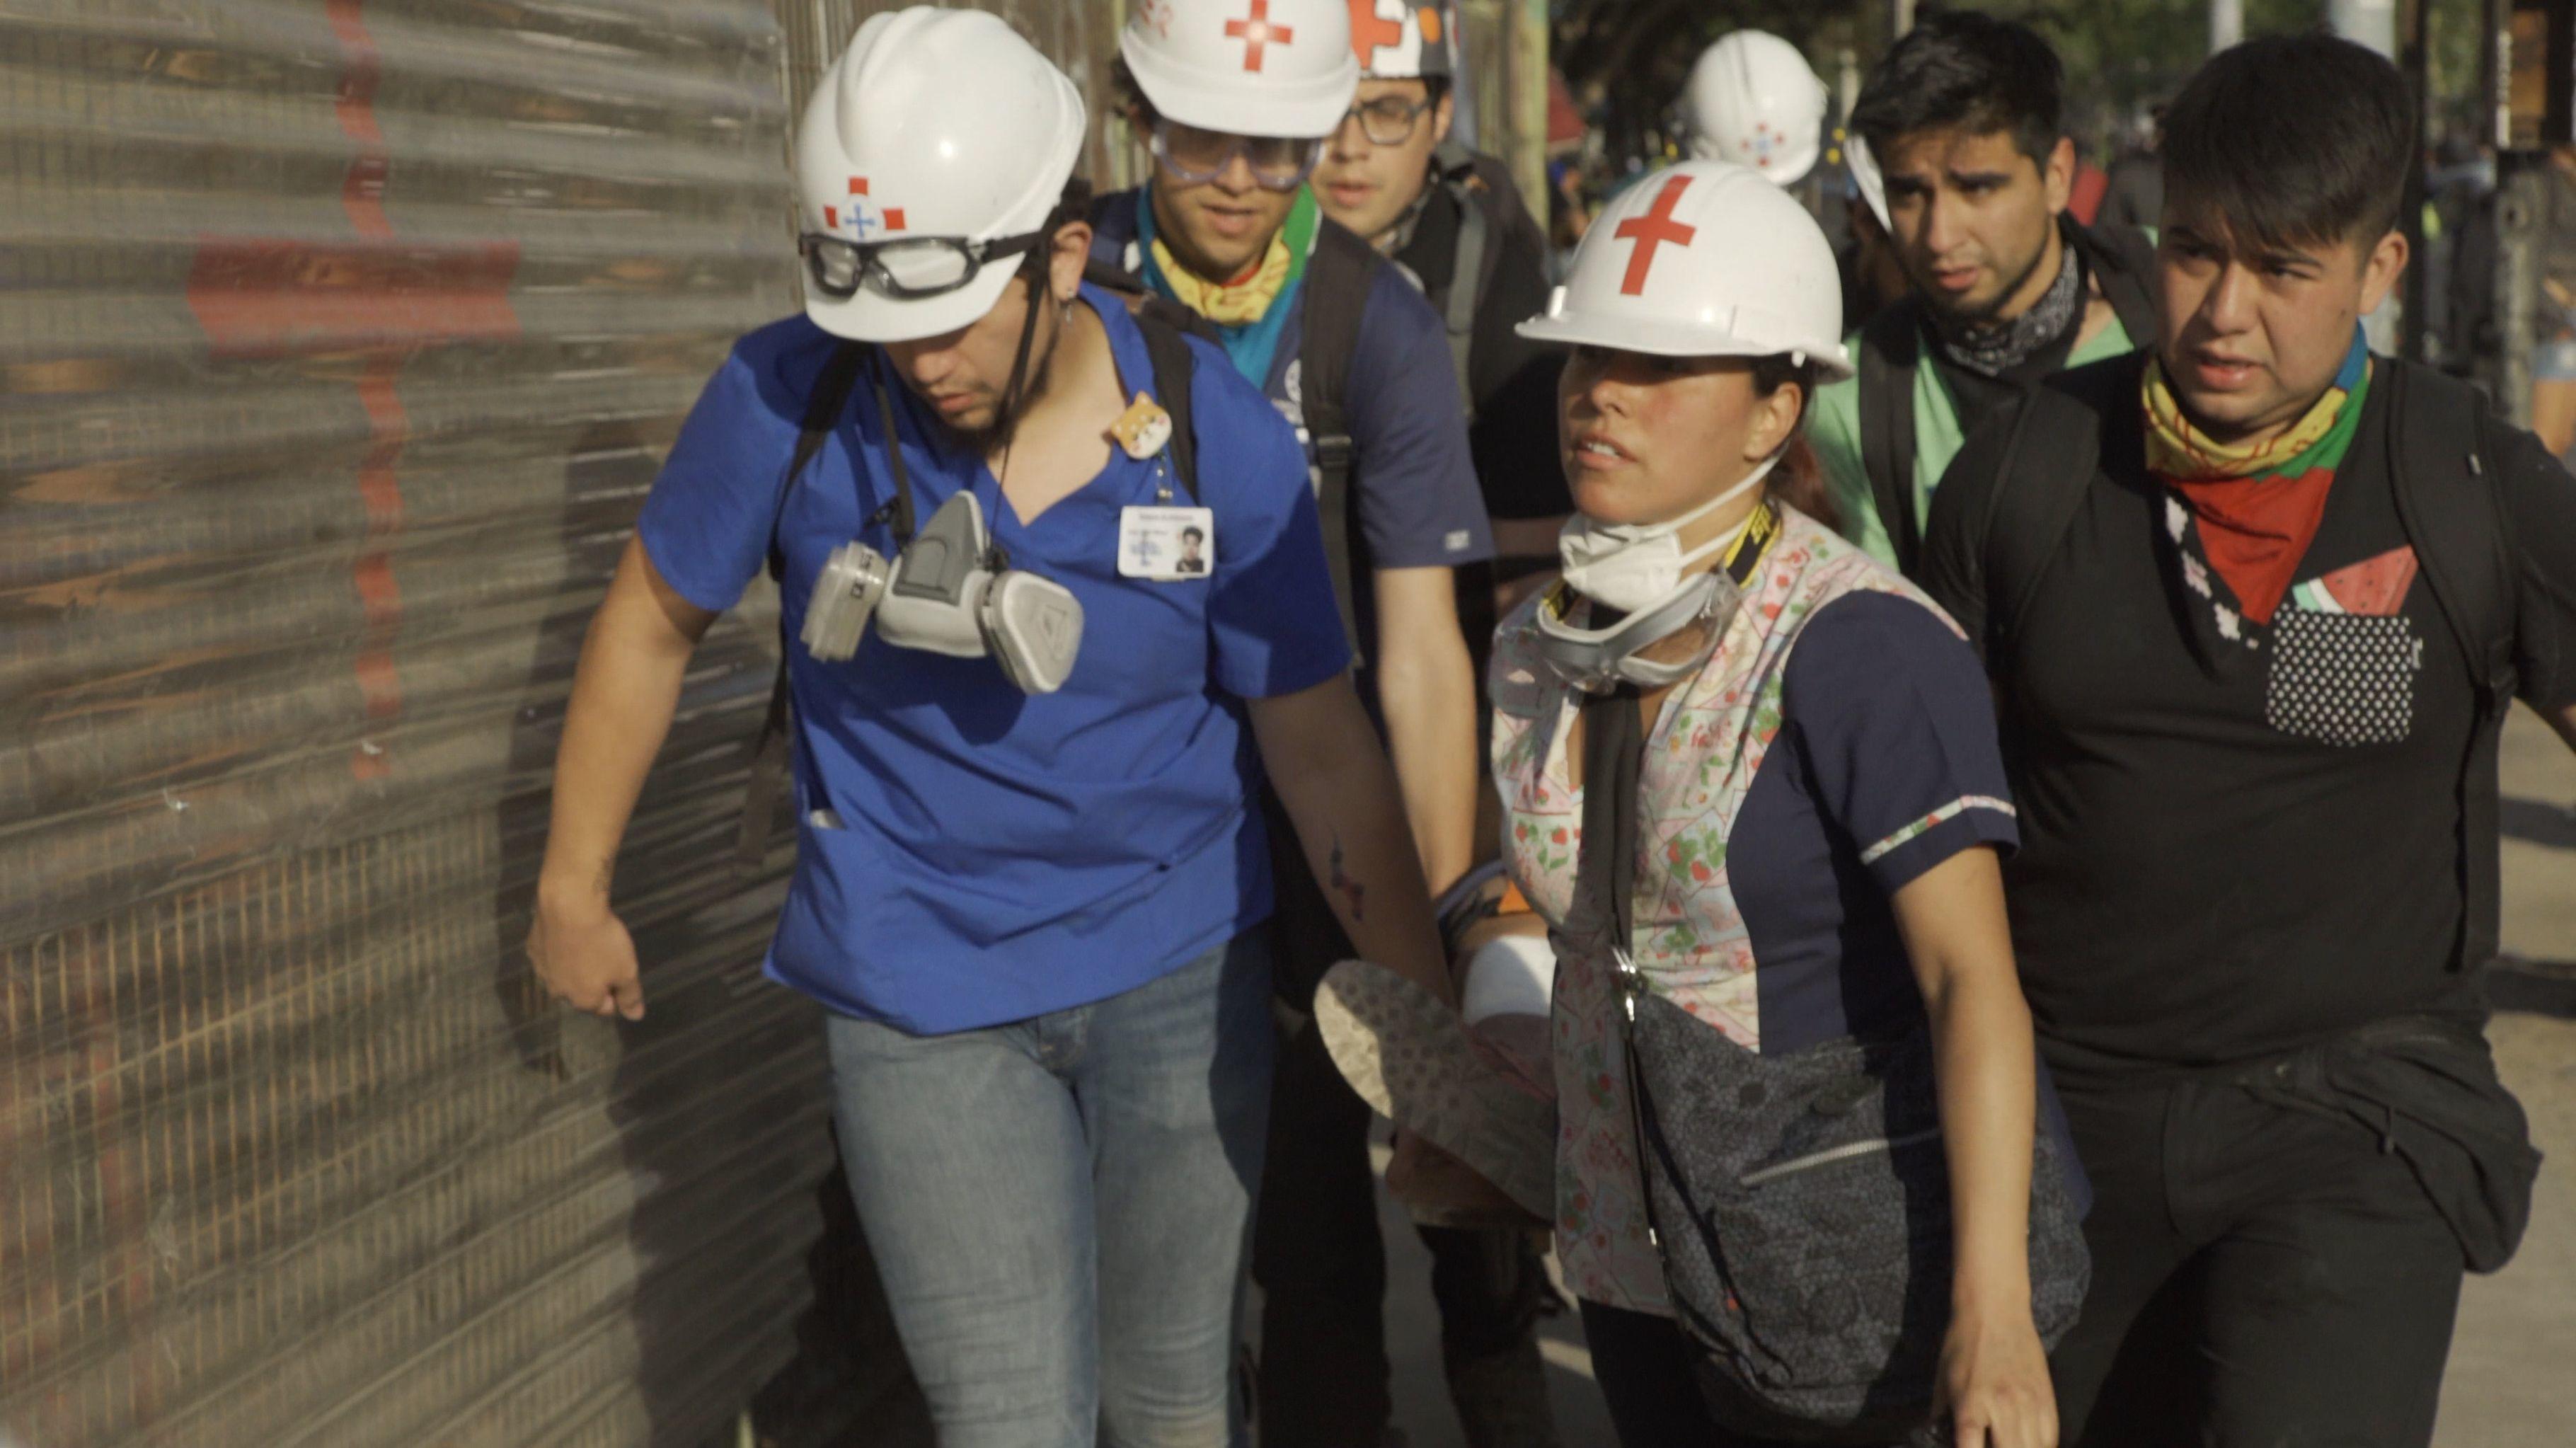 Piquetes sanitarios en Chile - Puesto Pio Nono